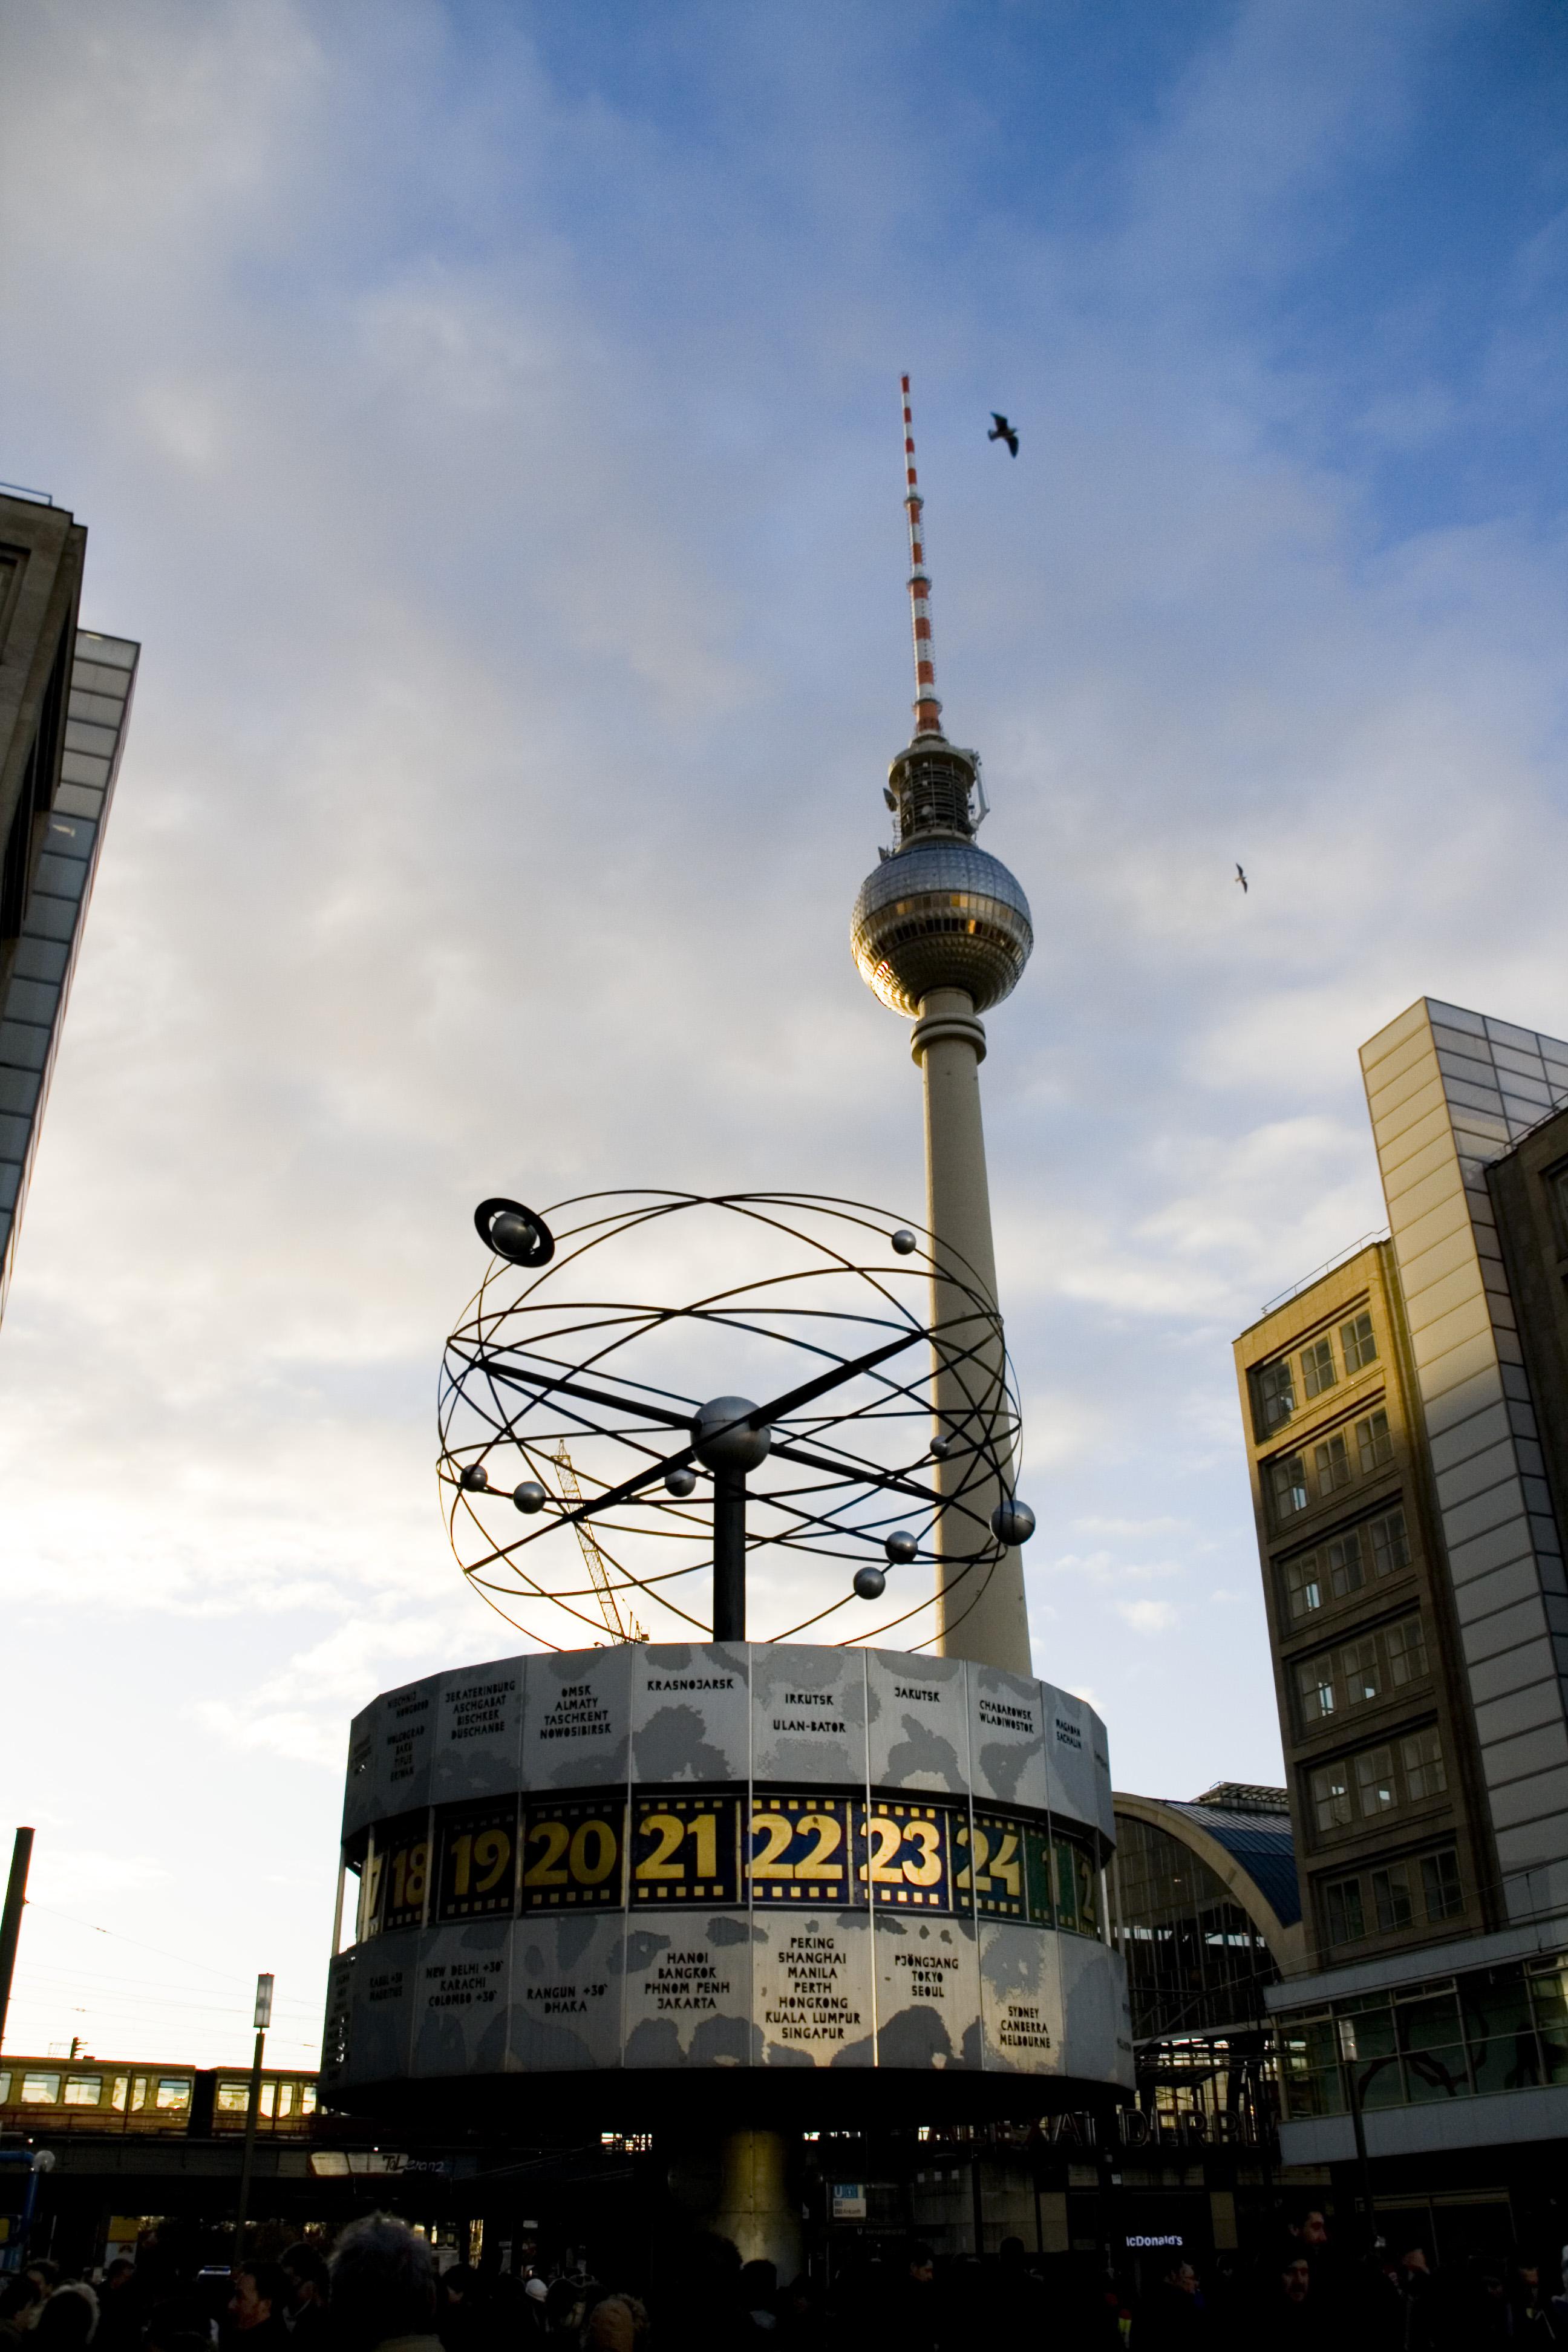 Berlin Fernsehturm, Alexanderplatz, Berlin